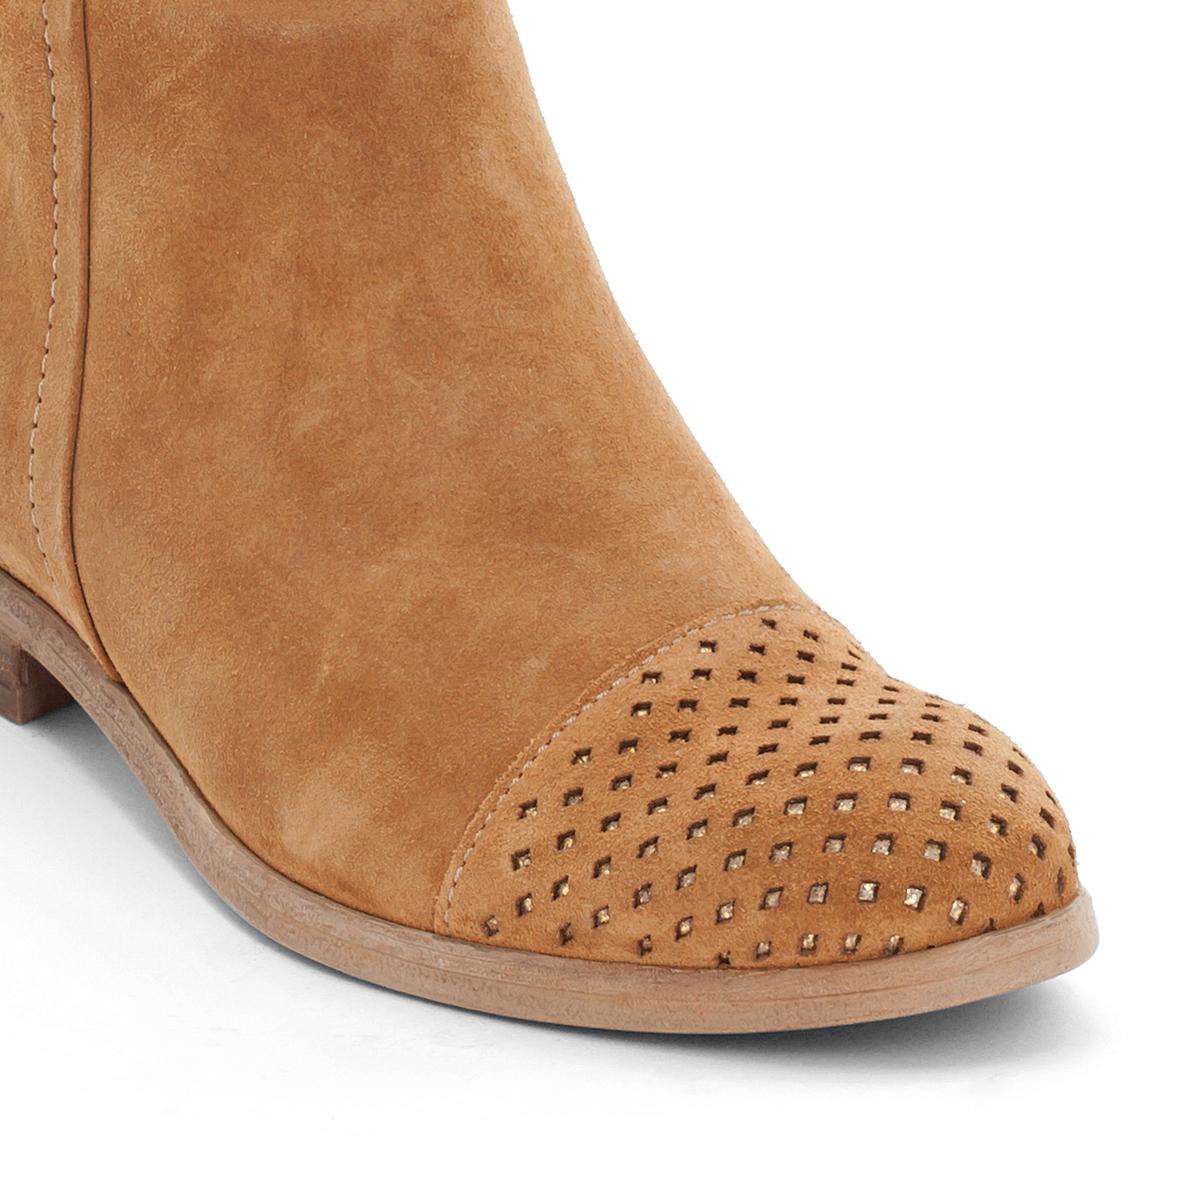 Сапоги кожаные NicoleВерх/Голенище: кожа.  Подкладка: кожа.  Стелька: кожа.  Подошва: резина.Высота каблука: 2 см.Форма каблука: плоский каблук.Мысок: закругленный.Застежка: на молнию.<br><br>Цвет: темно-бежевый<br>Размер: 37